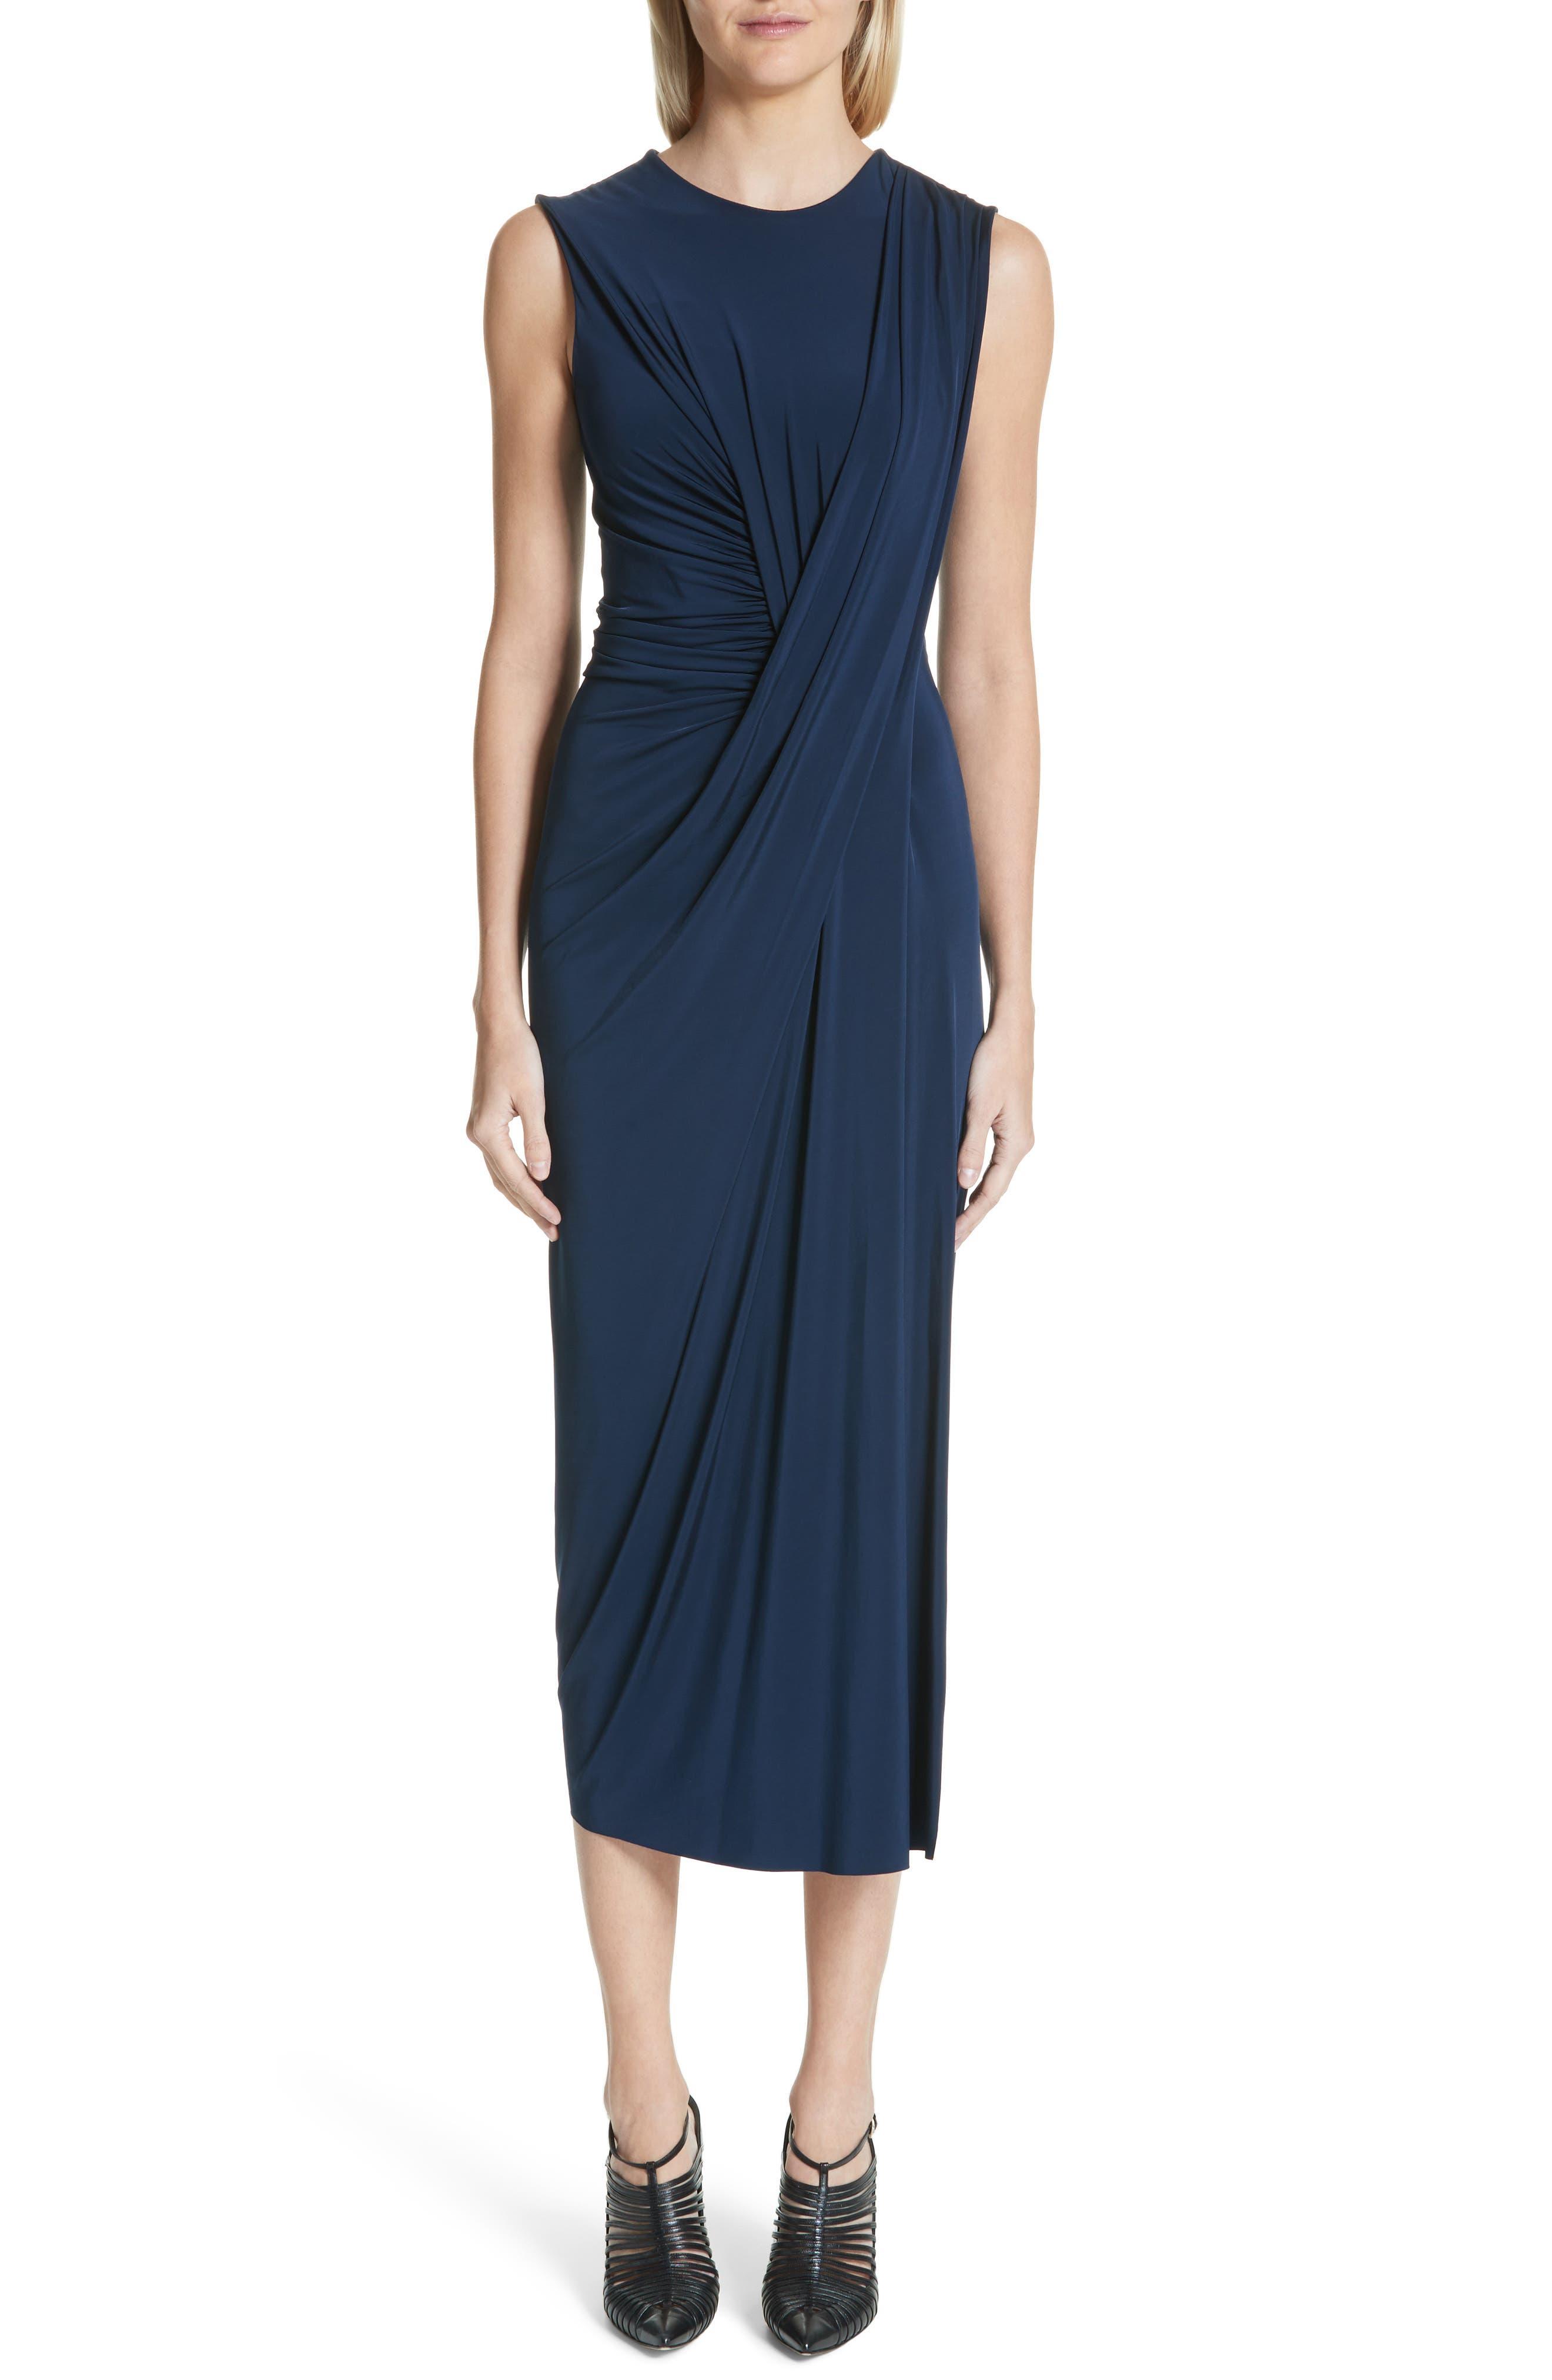 Main Image - Jason Wu Draped Jersey Dress